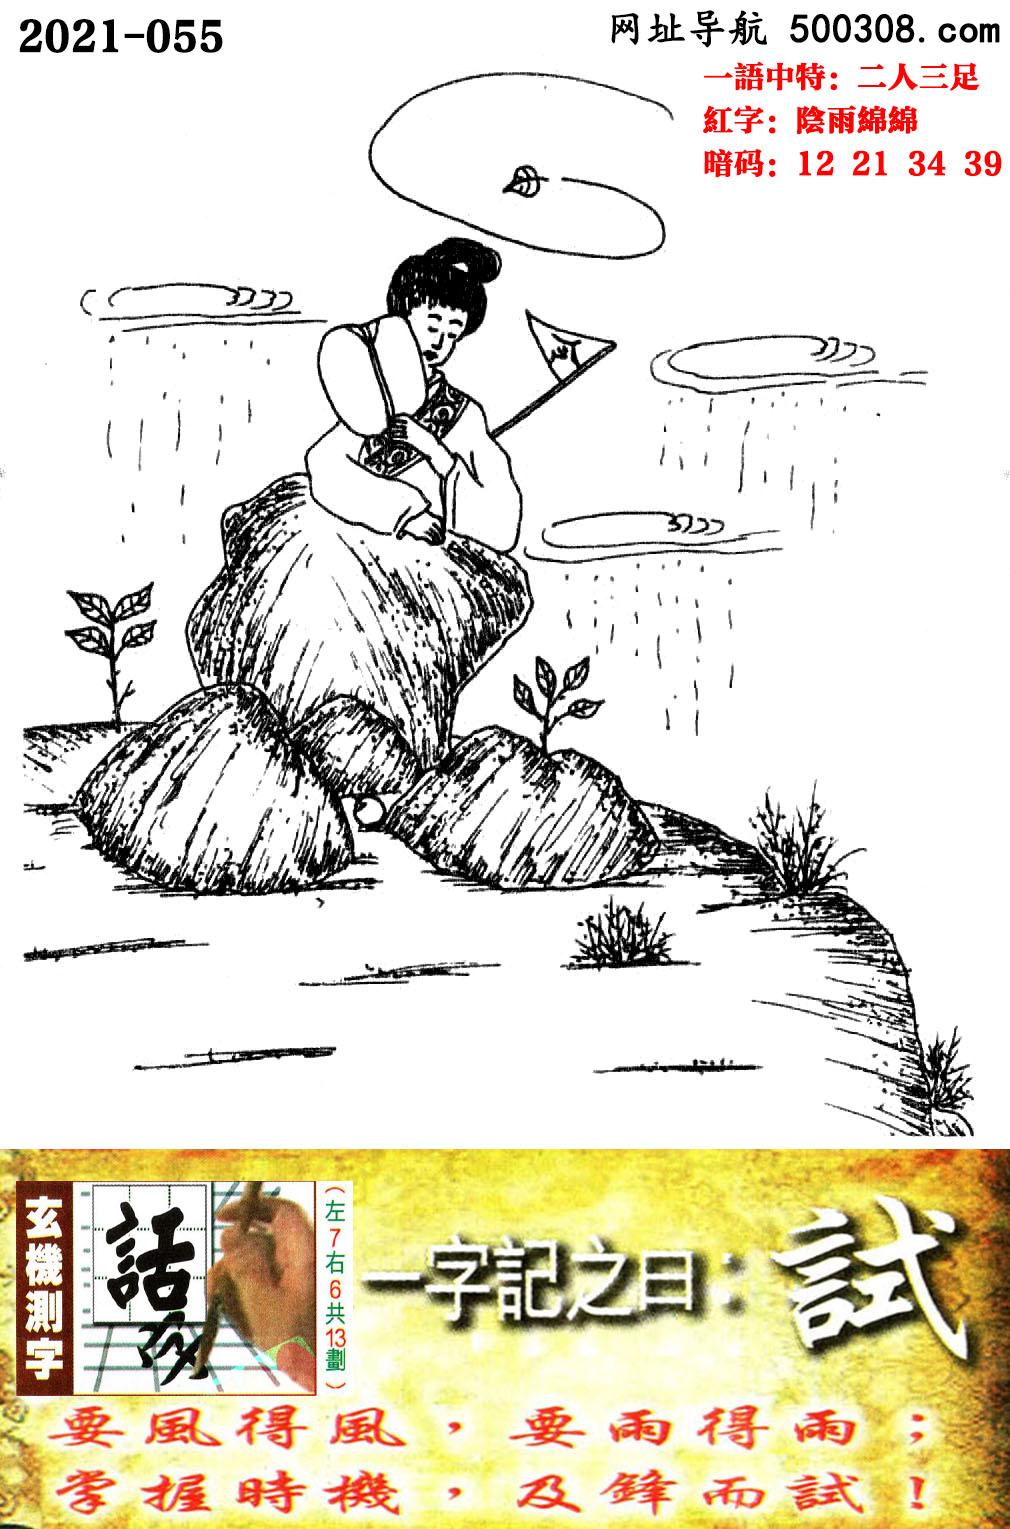 055期跑狗一字�之曰:【�】_要�L得�L,要雨得雨;掌握�r�C,及�h而�!